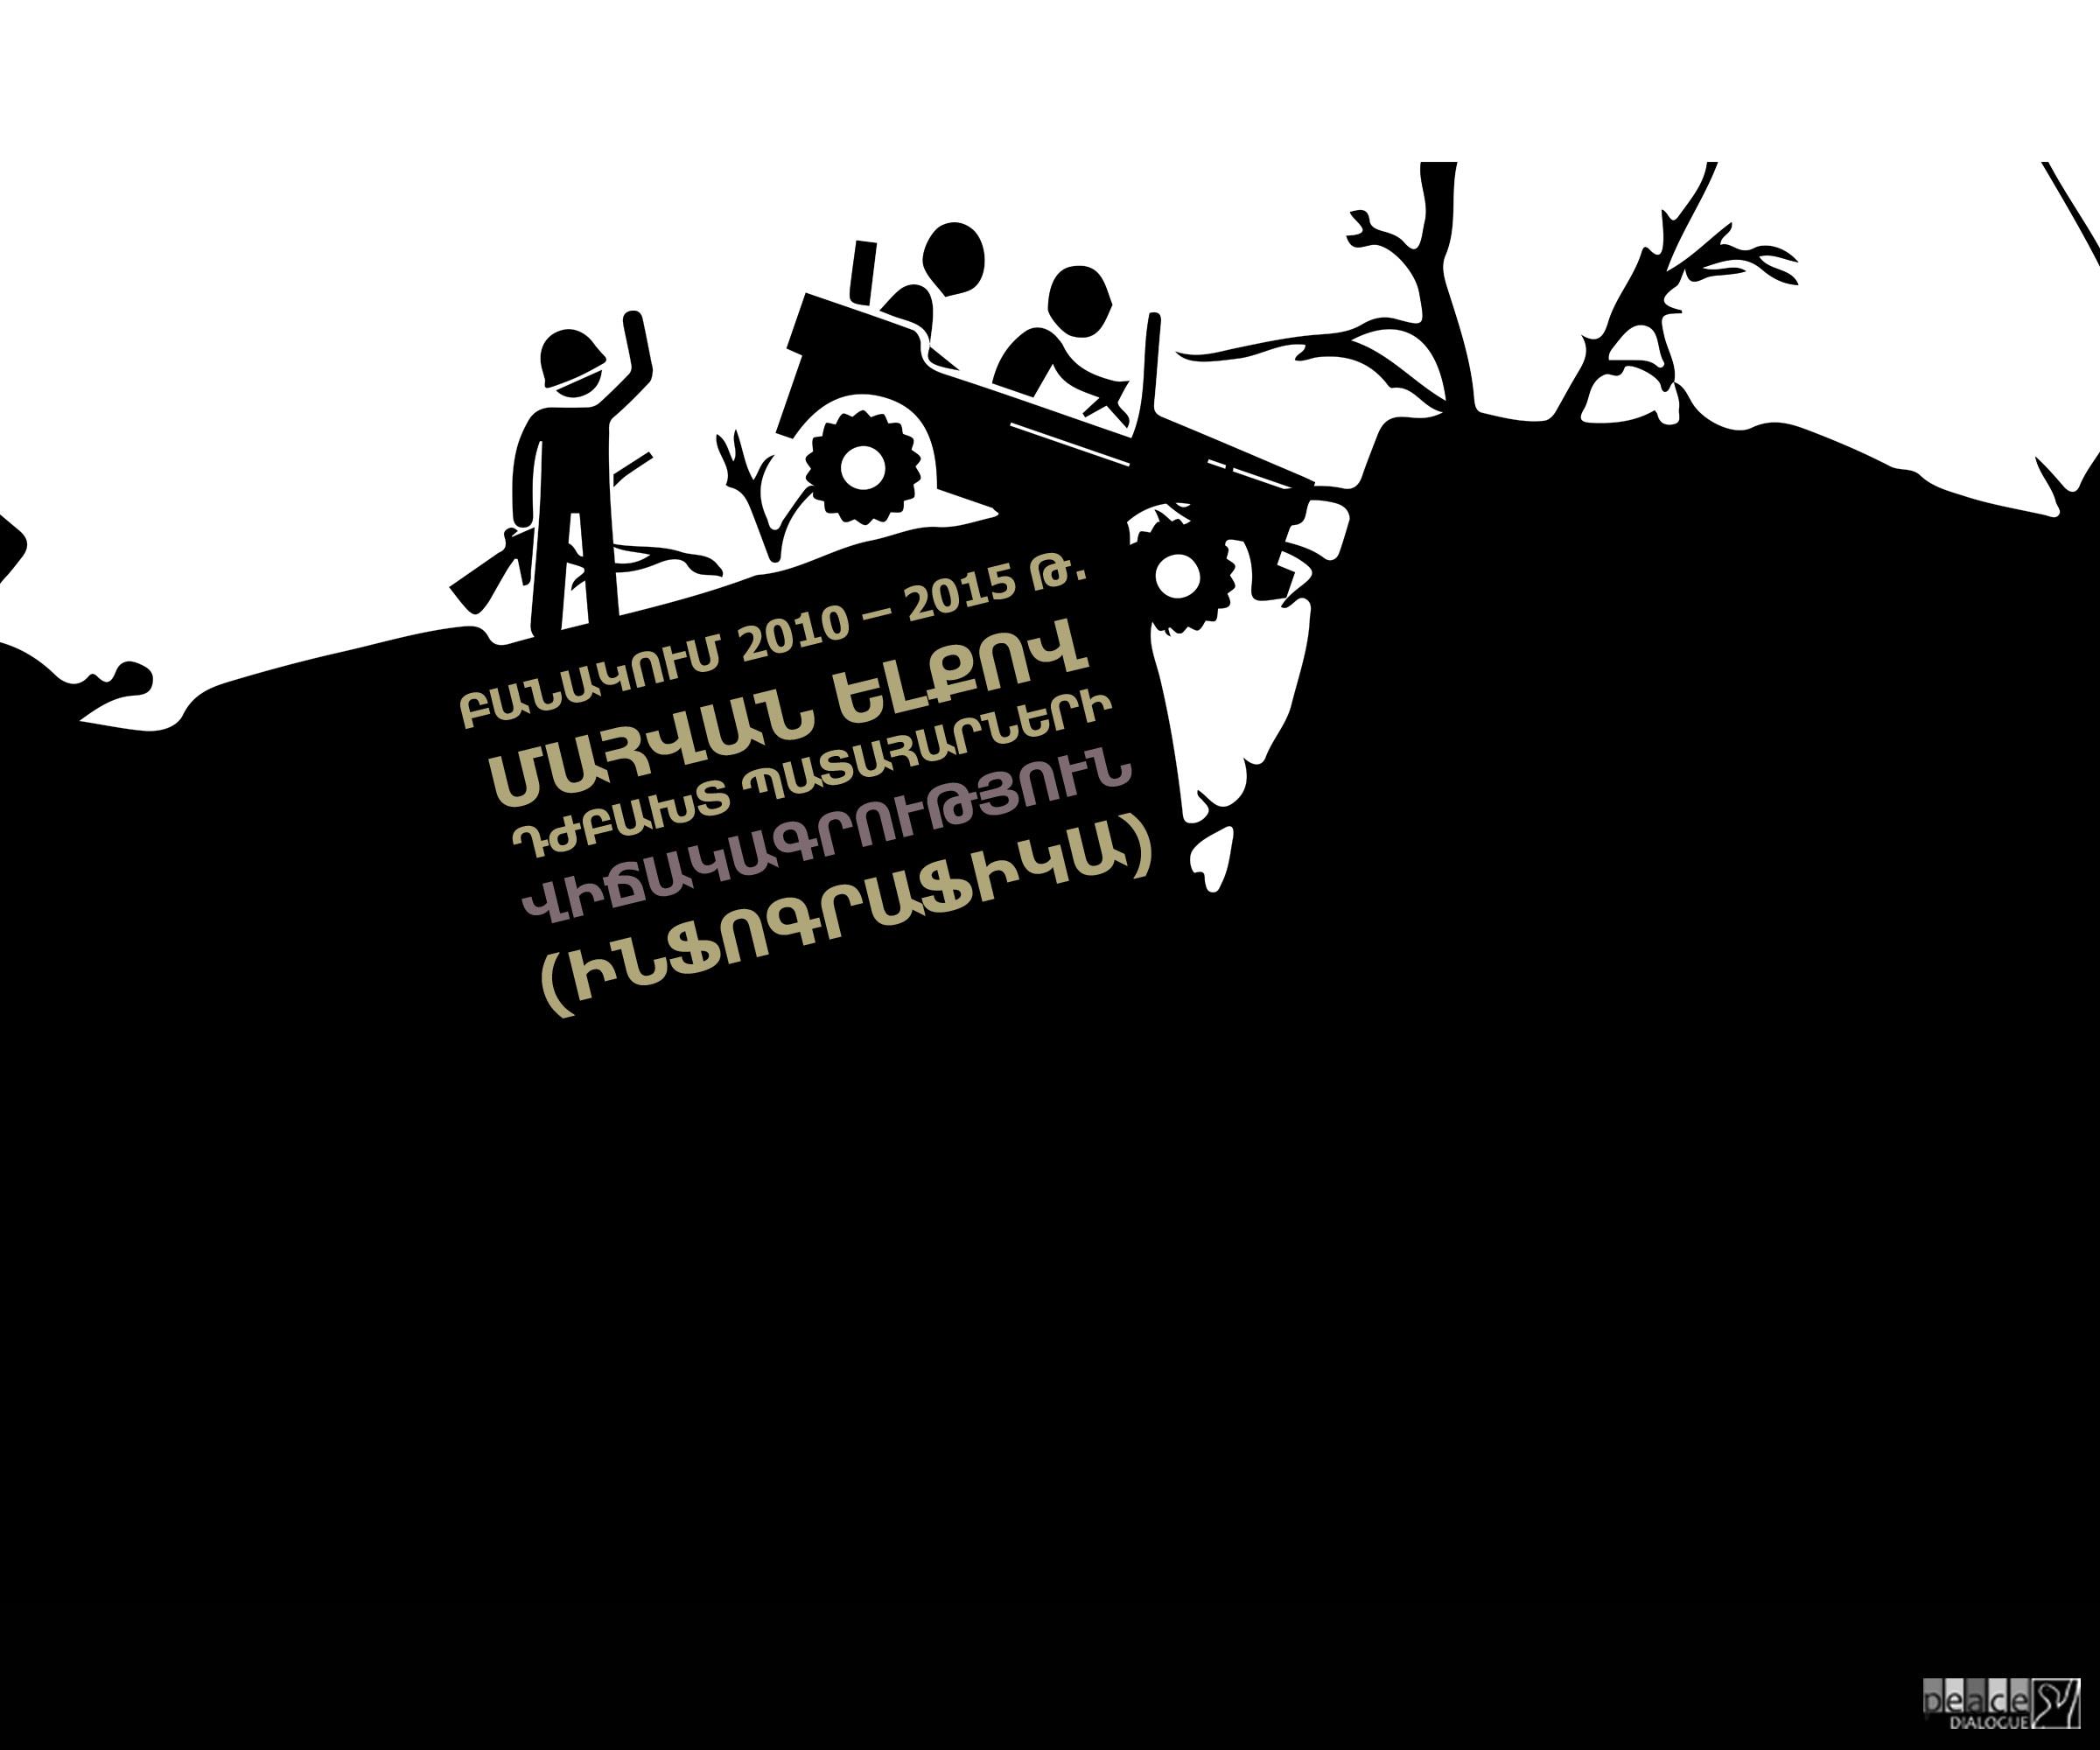 ԲԱՆԱԿՈՒՄ 2010 – 2016 Թ. ՄԱՀՎԱՆ ԵԼՔՈՎ ԴԺԲԱԽՏ ՊԱՏԱՀԱՐՆԵՐԻ ՎԻՃԱԿԱԳՐՈՒԹՅՈՒՆ (ԻՆՖՈԳՐԱՖԻԿԱ)